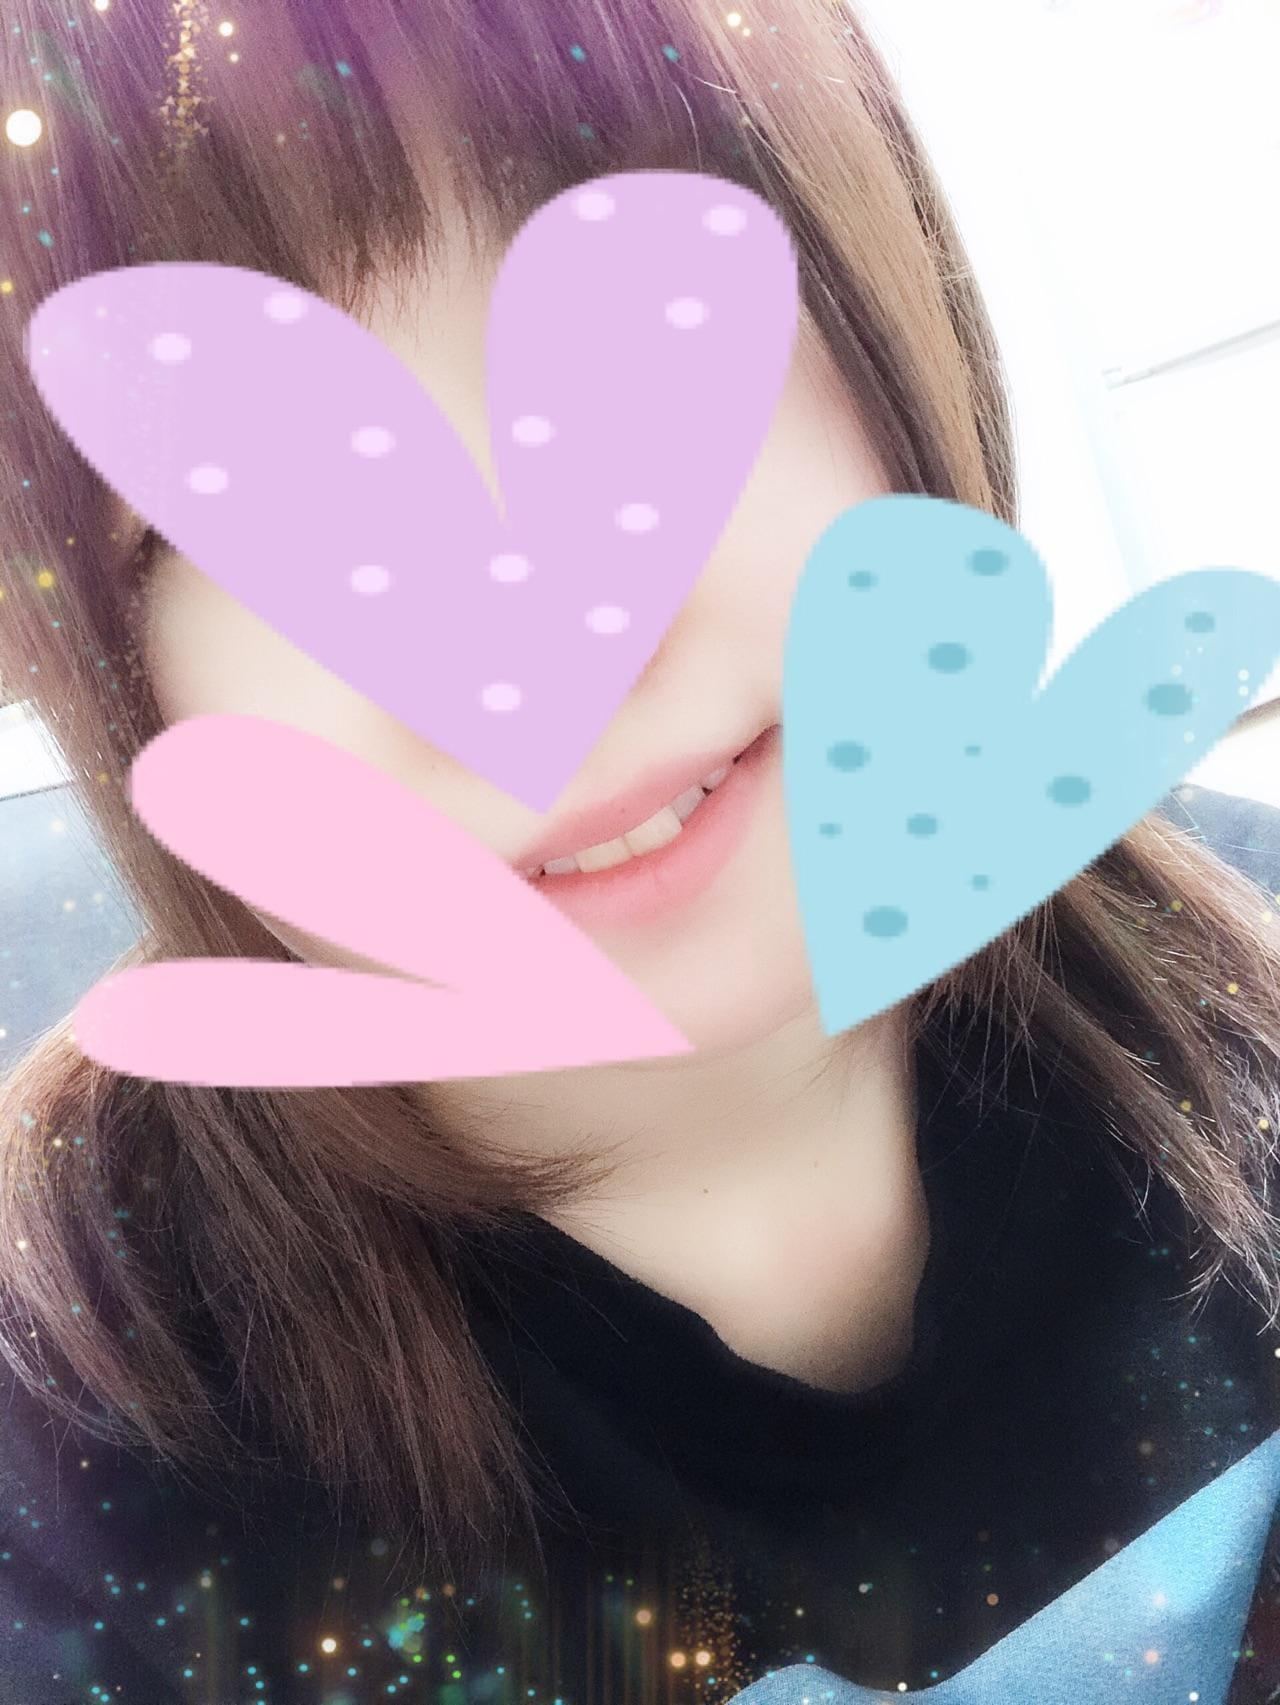 「帰宅です!」01/22(01/22) 07:15 | ゆきの写メ・風俗動画